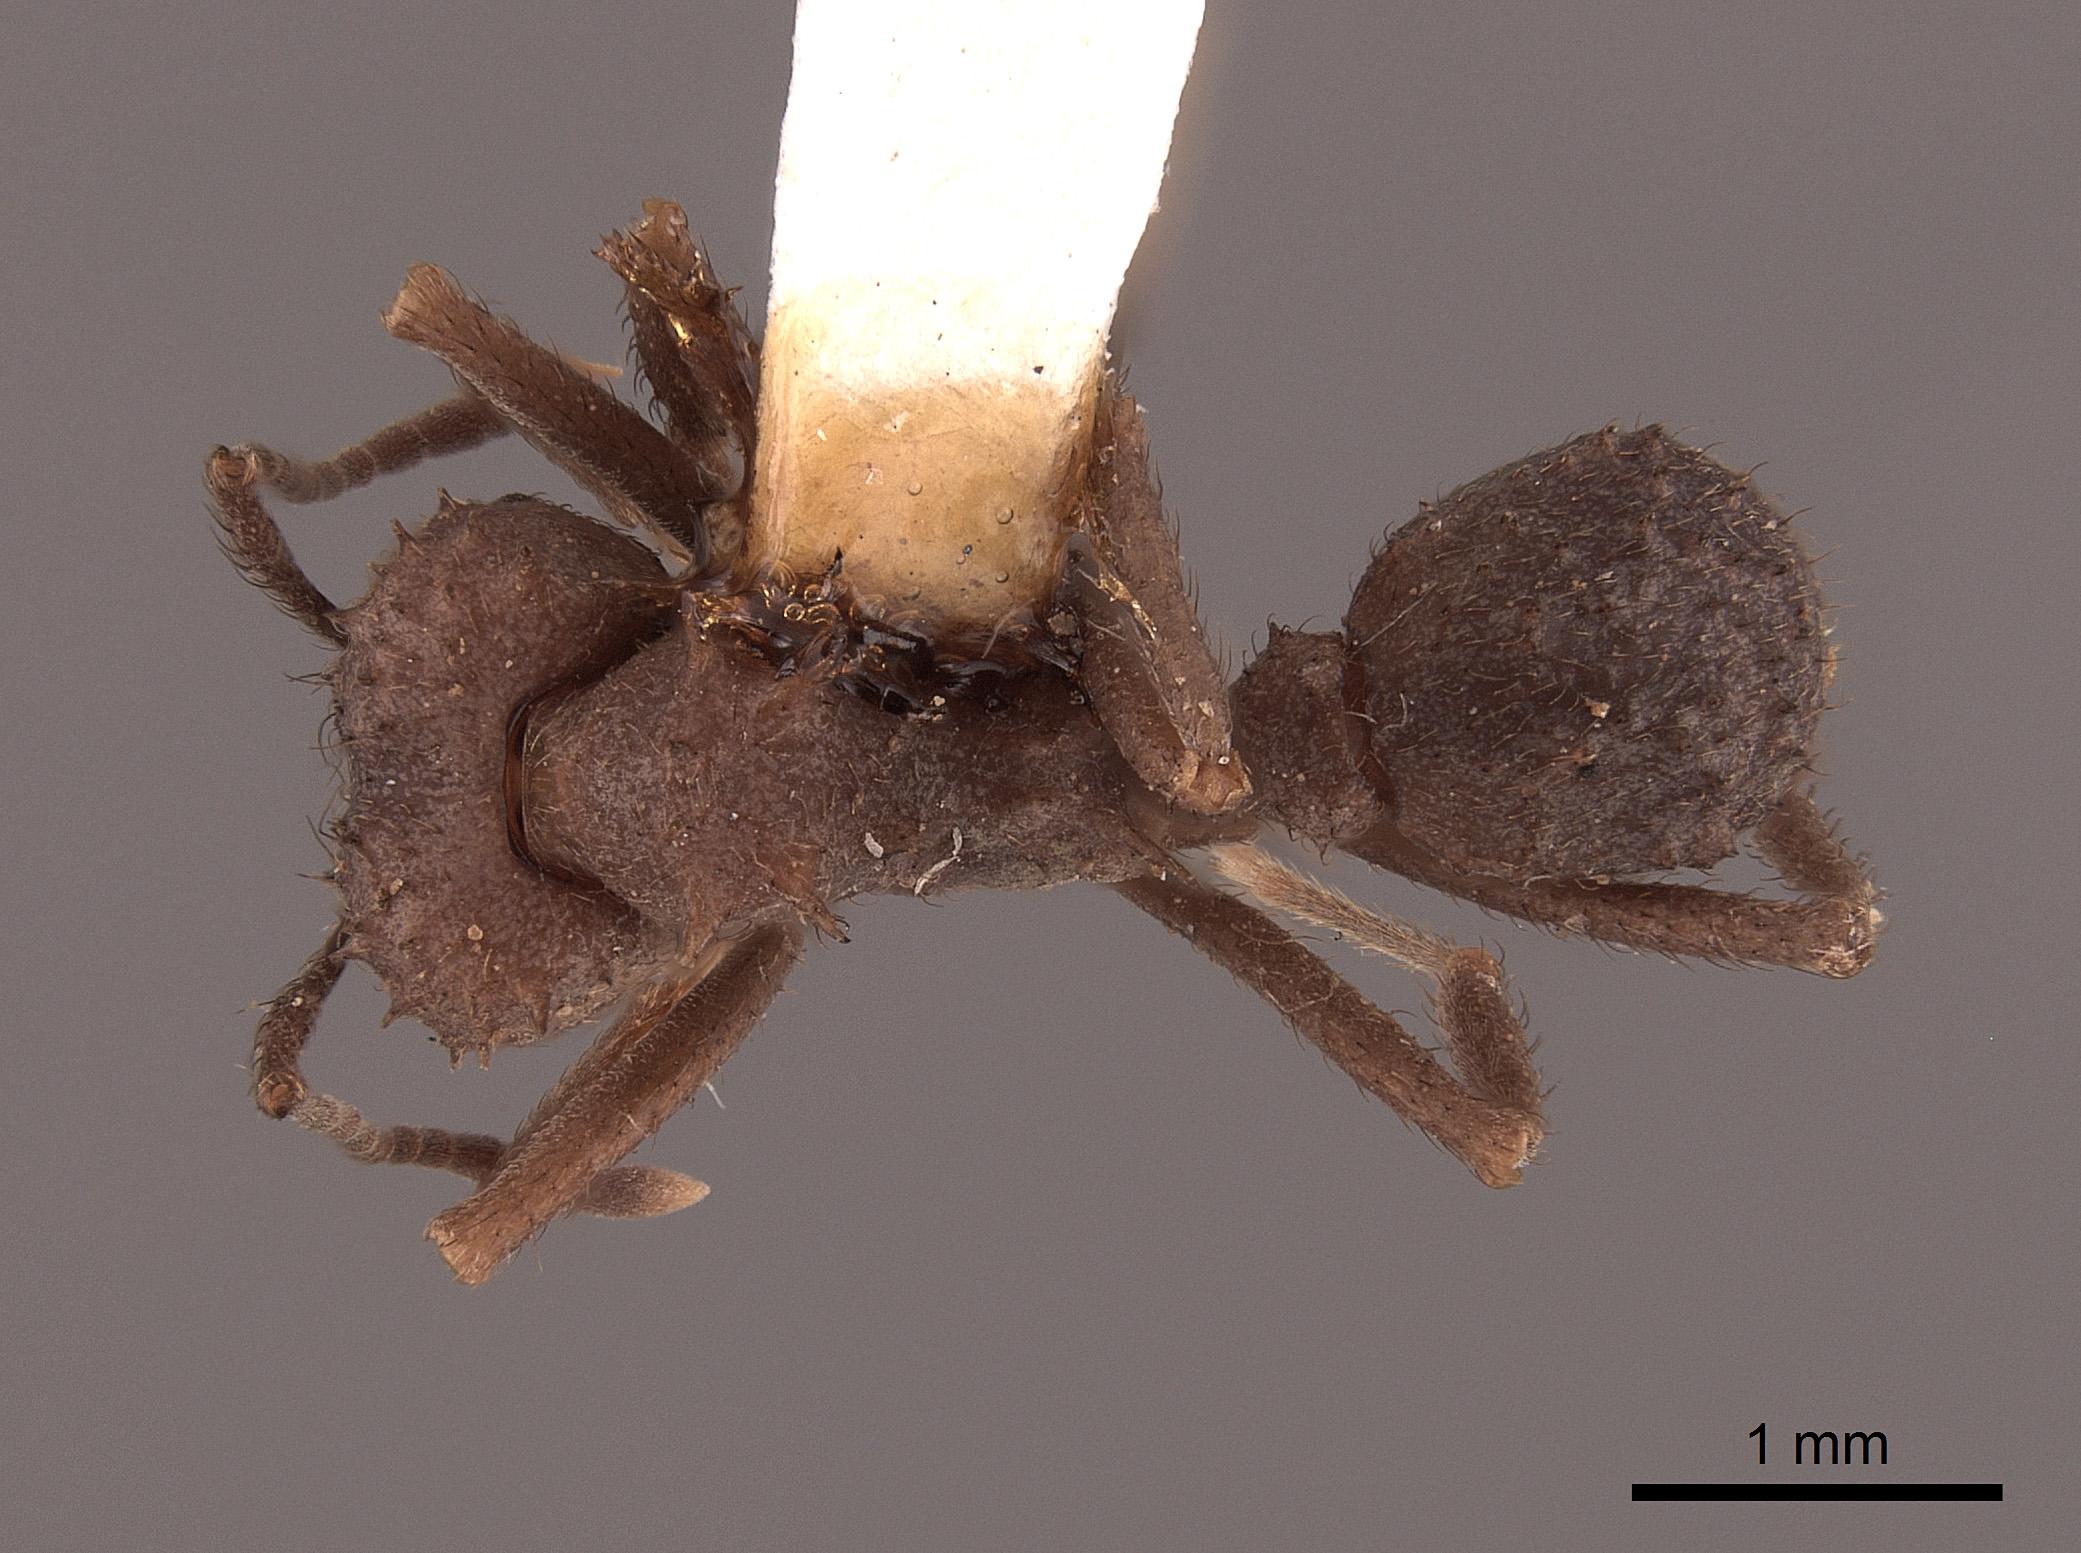 Image of Acromyrmex hispidus